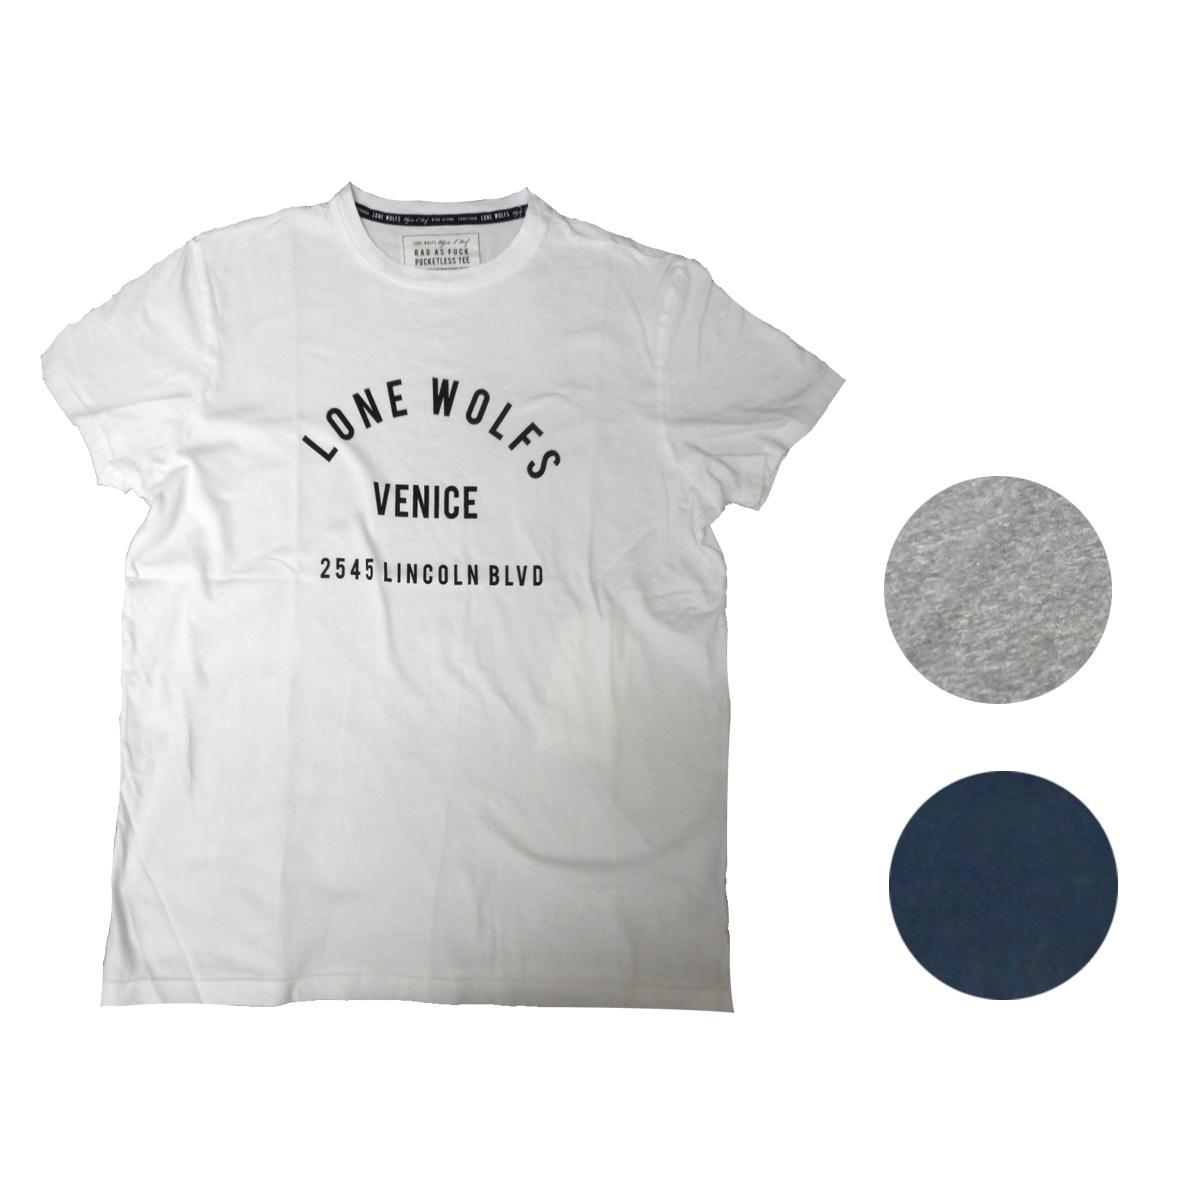 画像1: 【10%OFF】LONE WOLFS ローンウルフズ プリントTシャツ 全3色 メンズ/レディース (1)